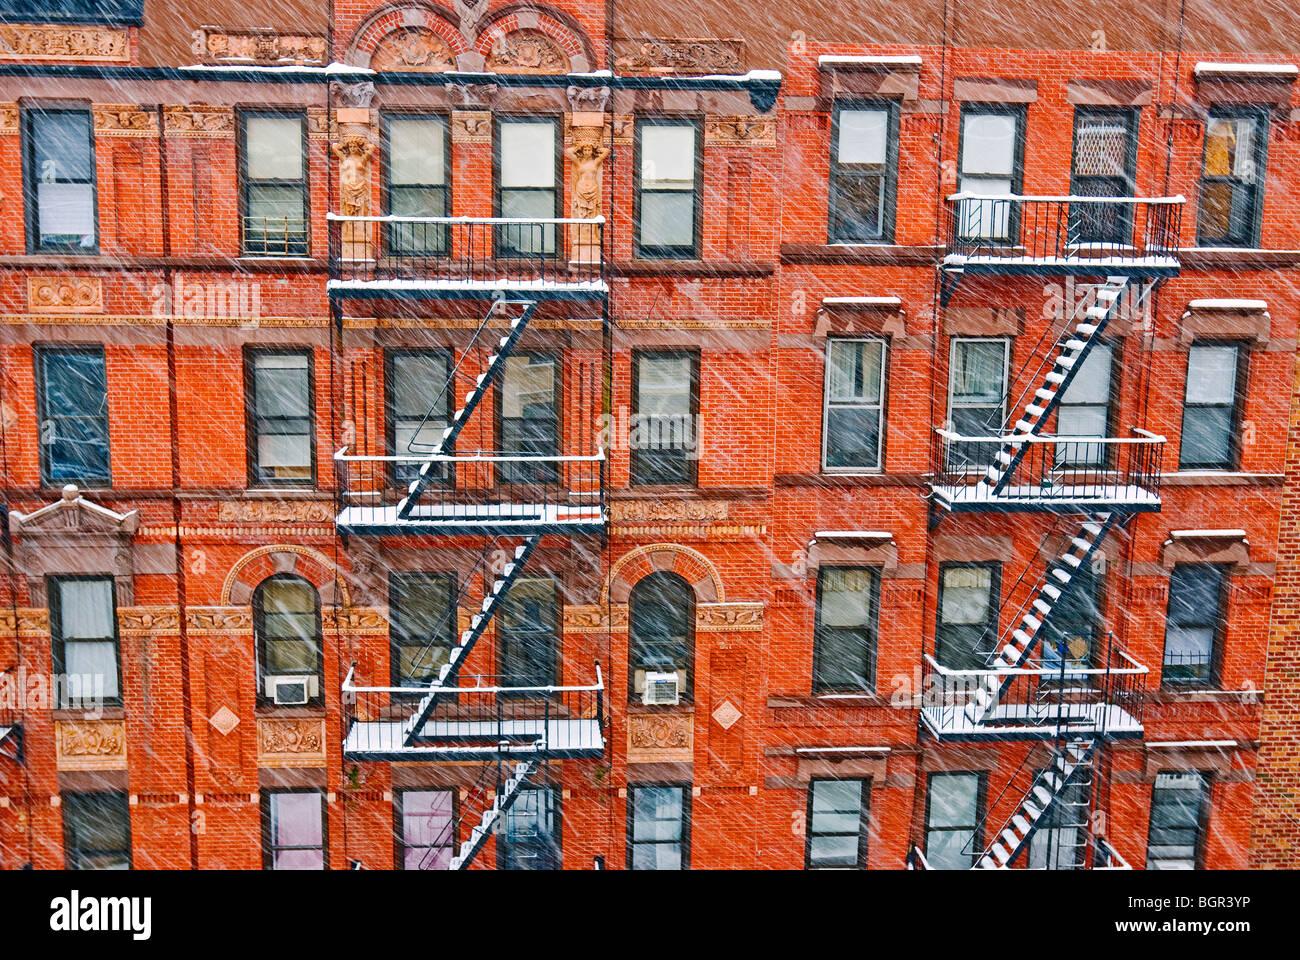 Tenement edificios de apartamentos en la Ciudad de Nueva York durante la tormenta de nieve del invierno. Imagen De Stock